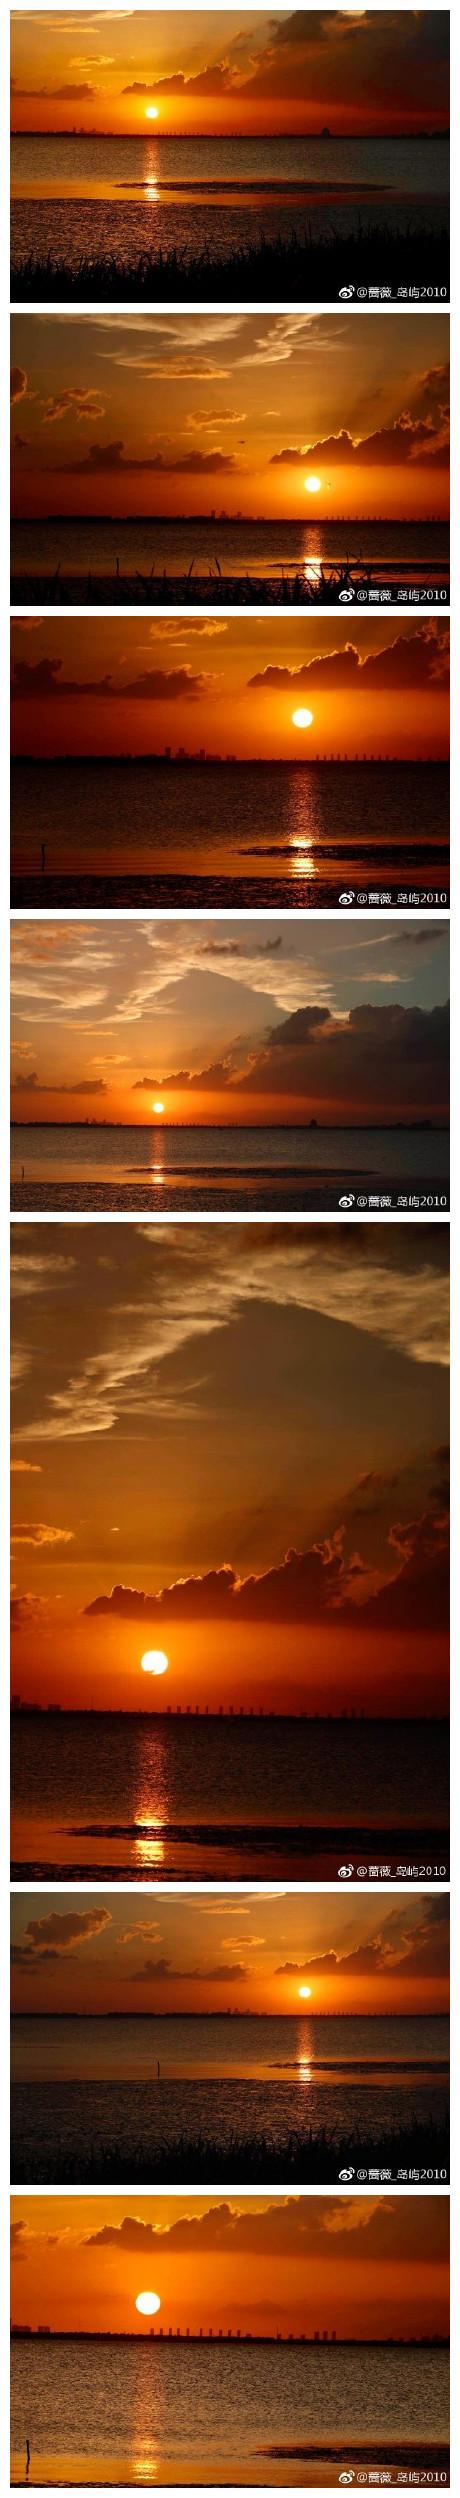 阳澄湖畔,日光倾城……